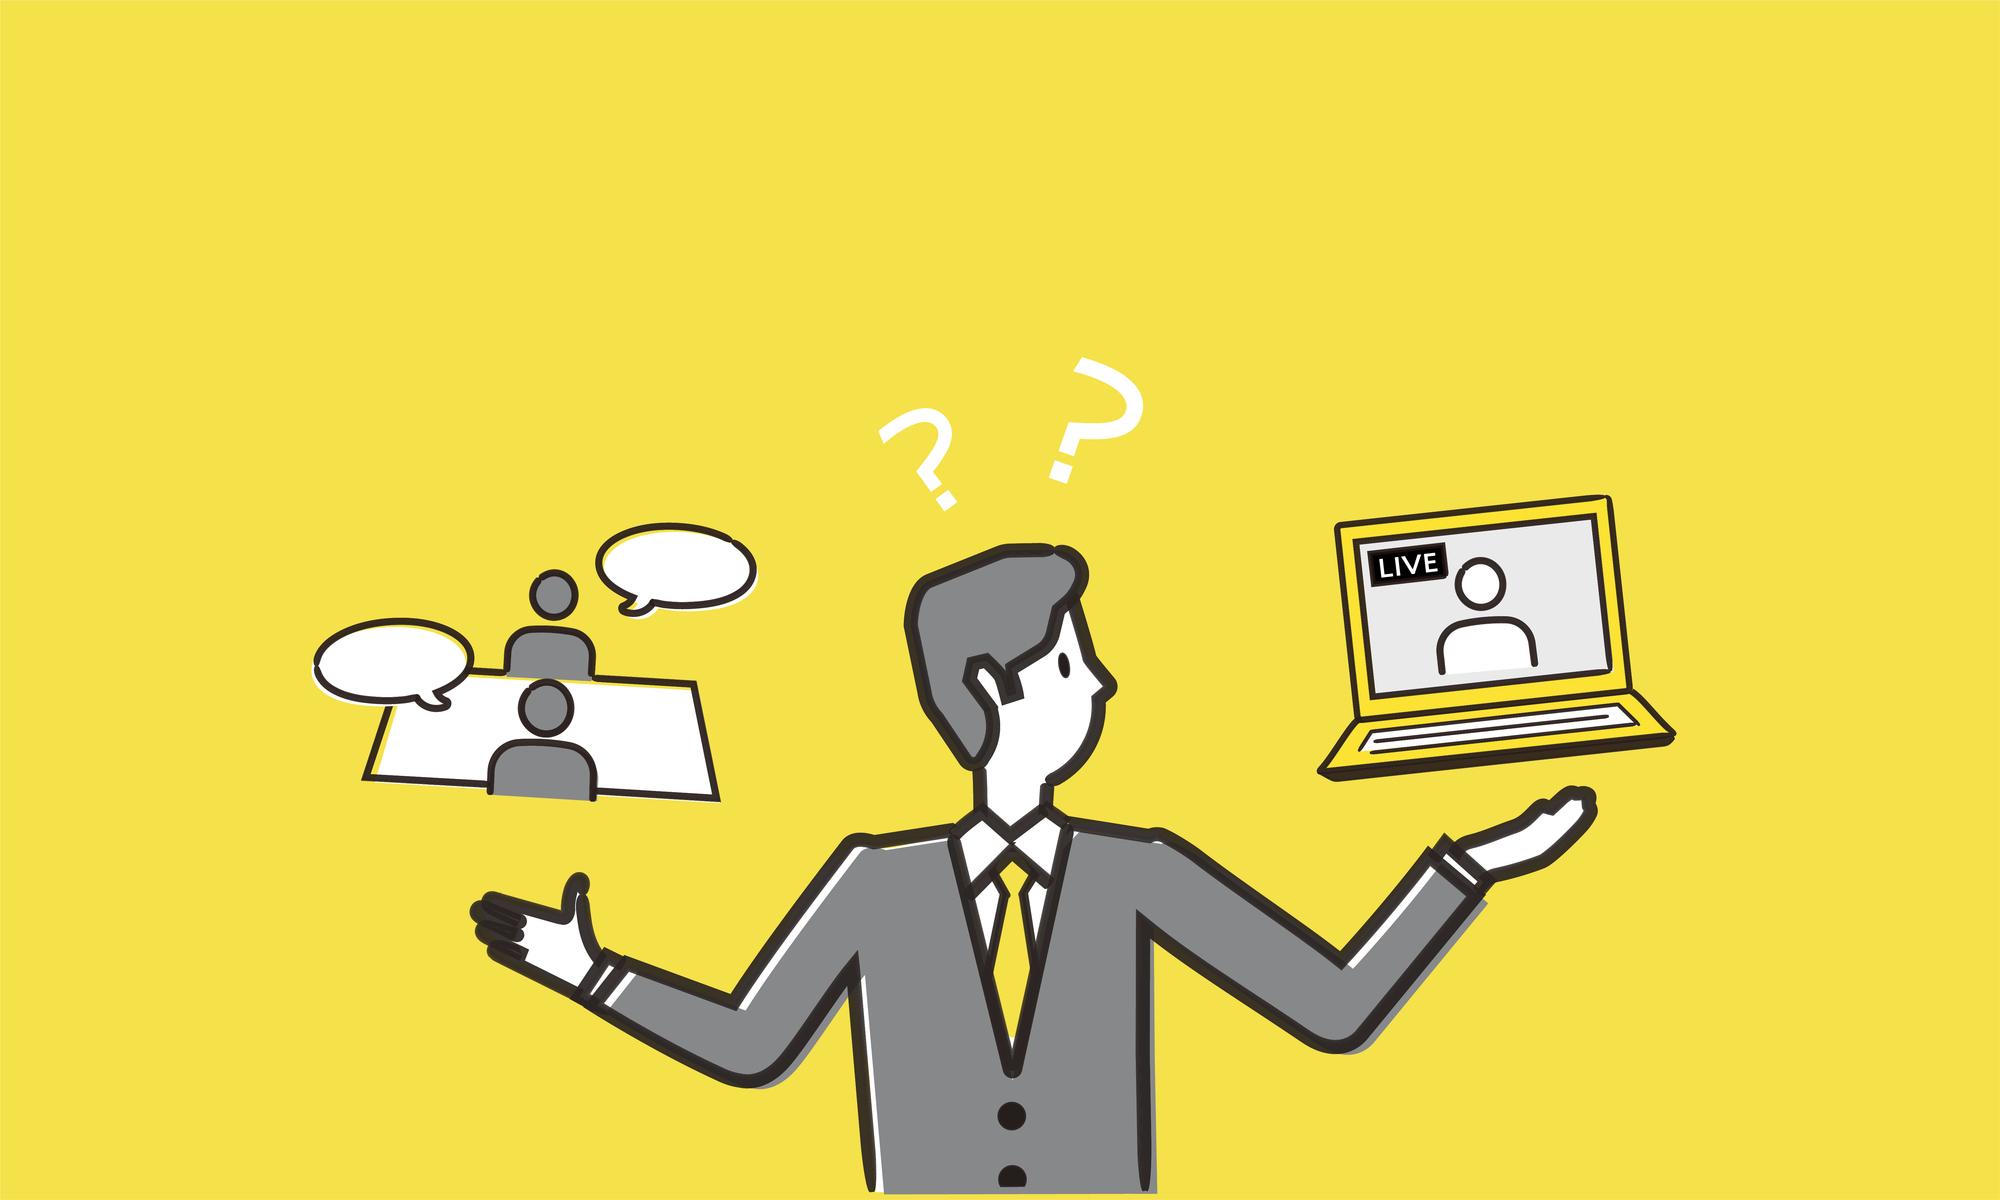 オンライン商談ツールはなぜ必要?ZoomやTeamsとの機能の違いや使い分け方法を徹底解説